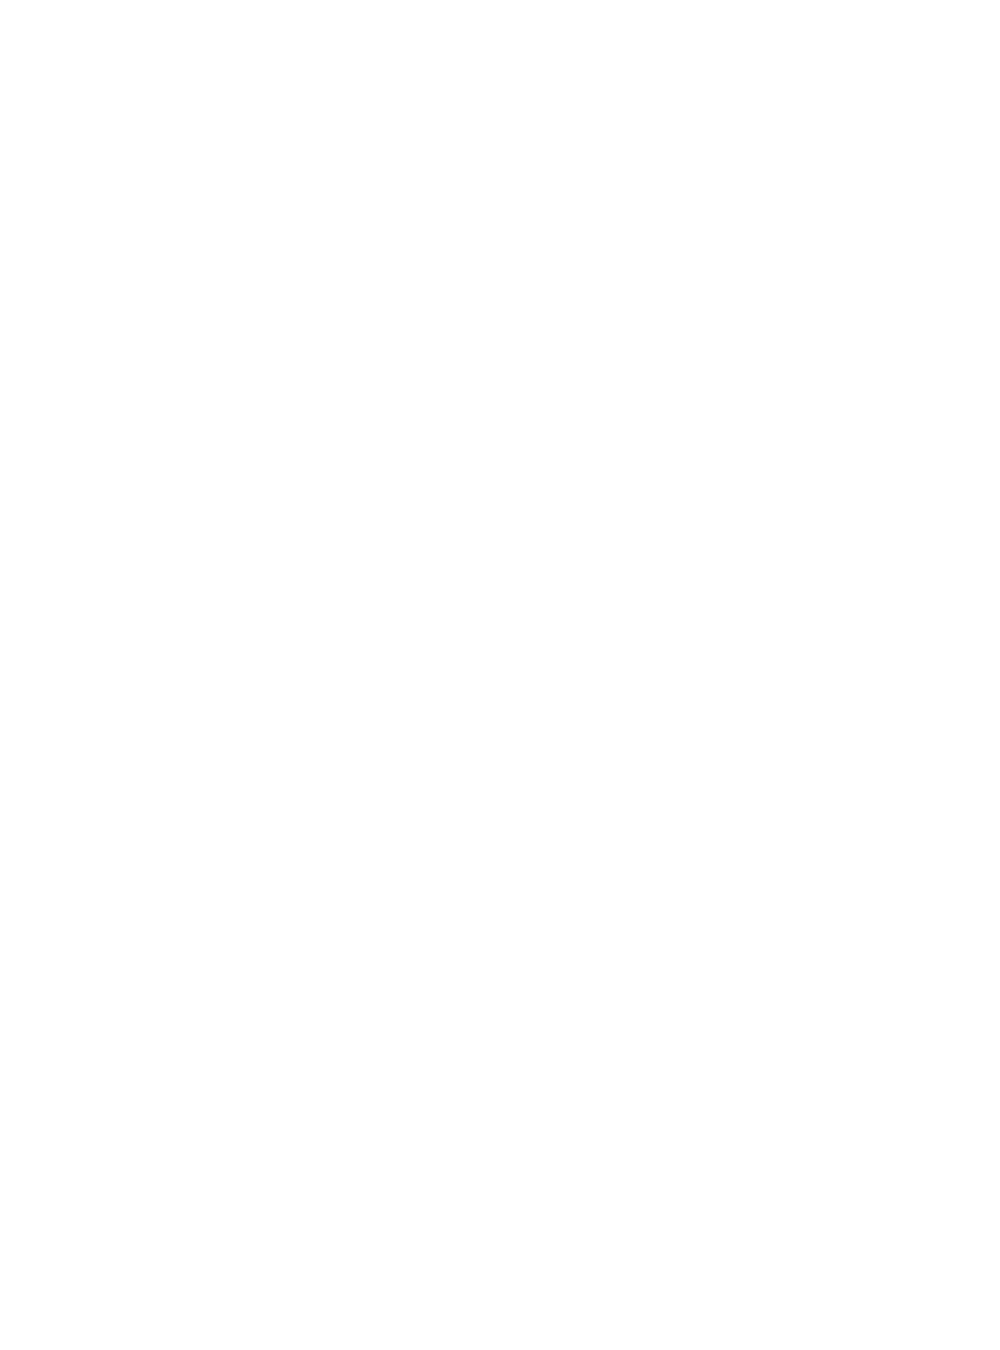 Naomi Novik, Das dunkle Herz des Waldes